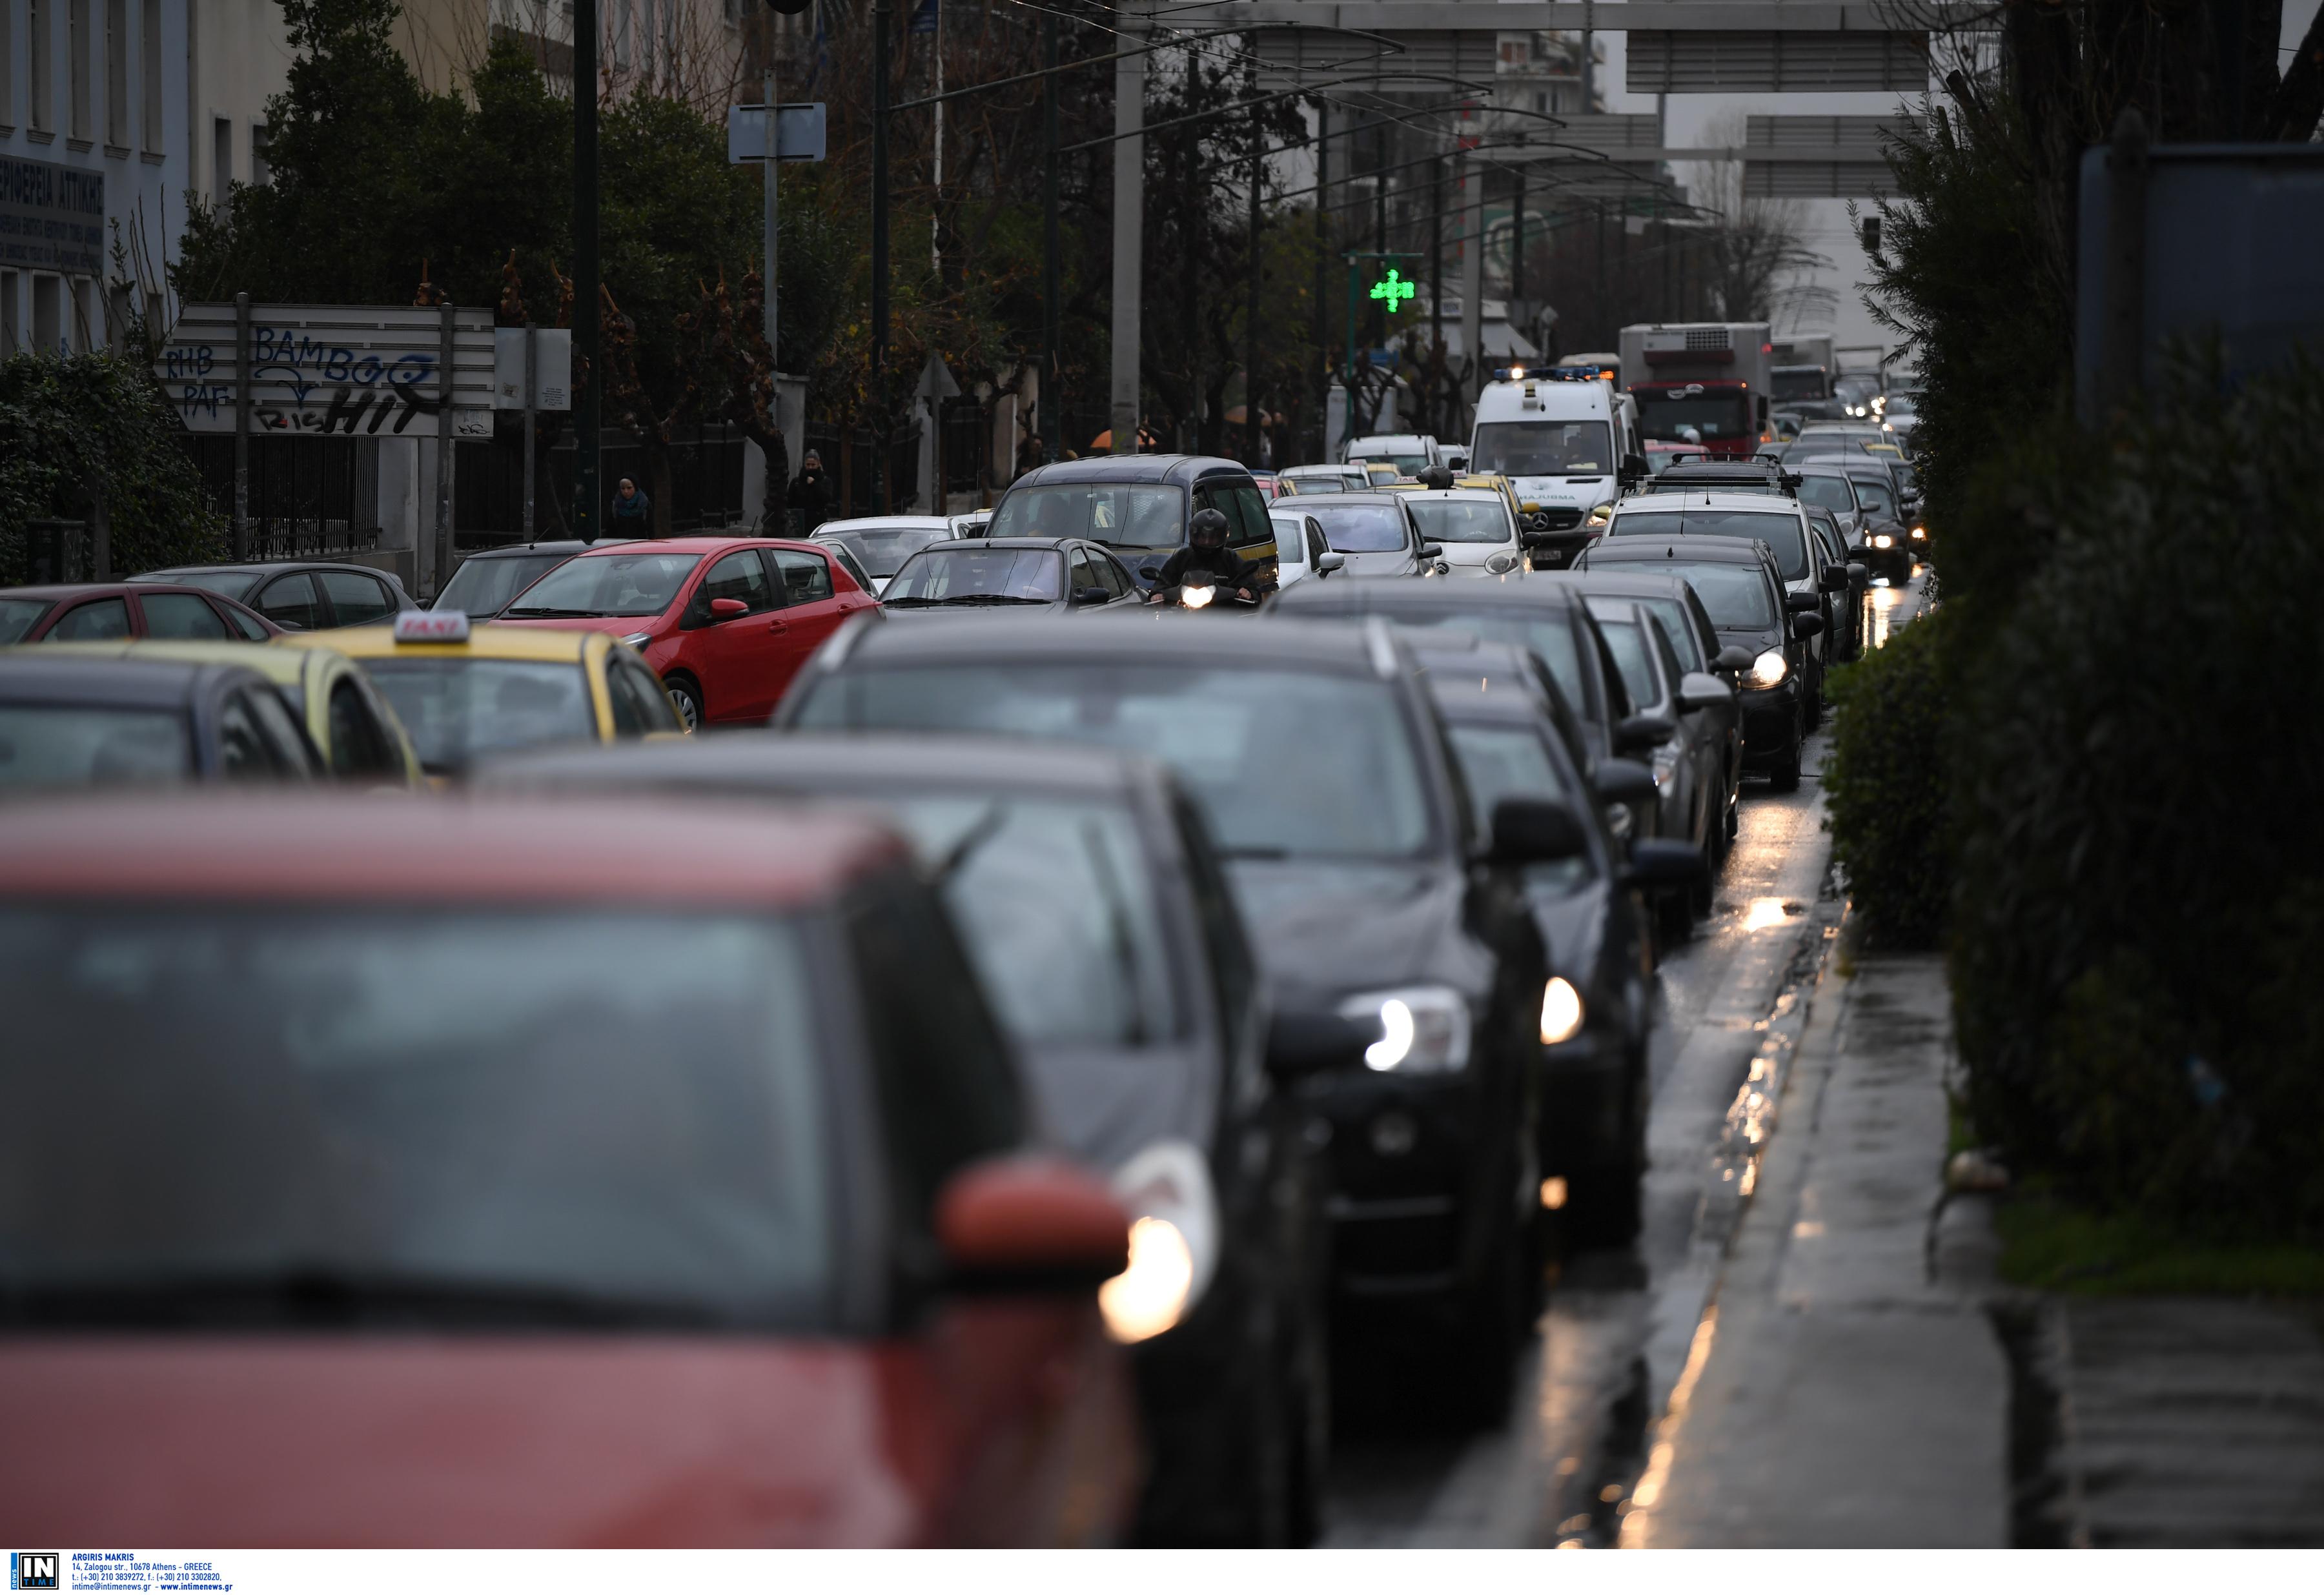 ΕΕ: Επιστολή στην Ελλάδα για μη εφαρμογή των κανόνων για τα μεταχειρισμένα οχήματα